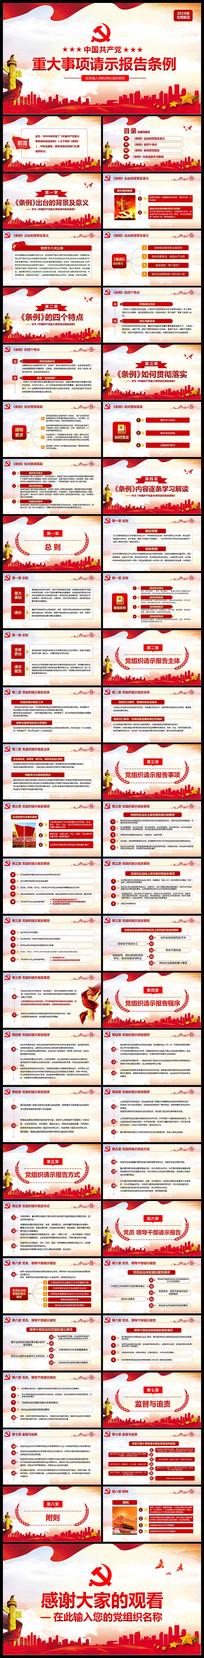 学习中国共产党重大事项请示报告条例PPT